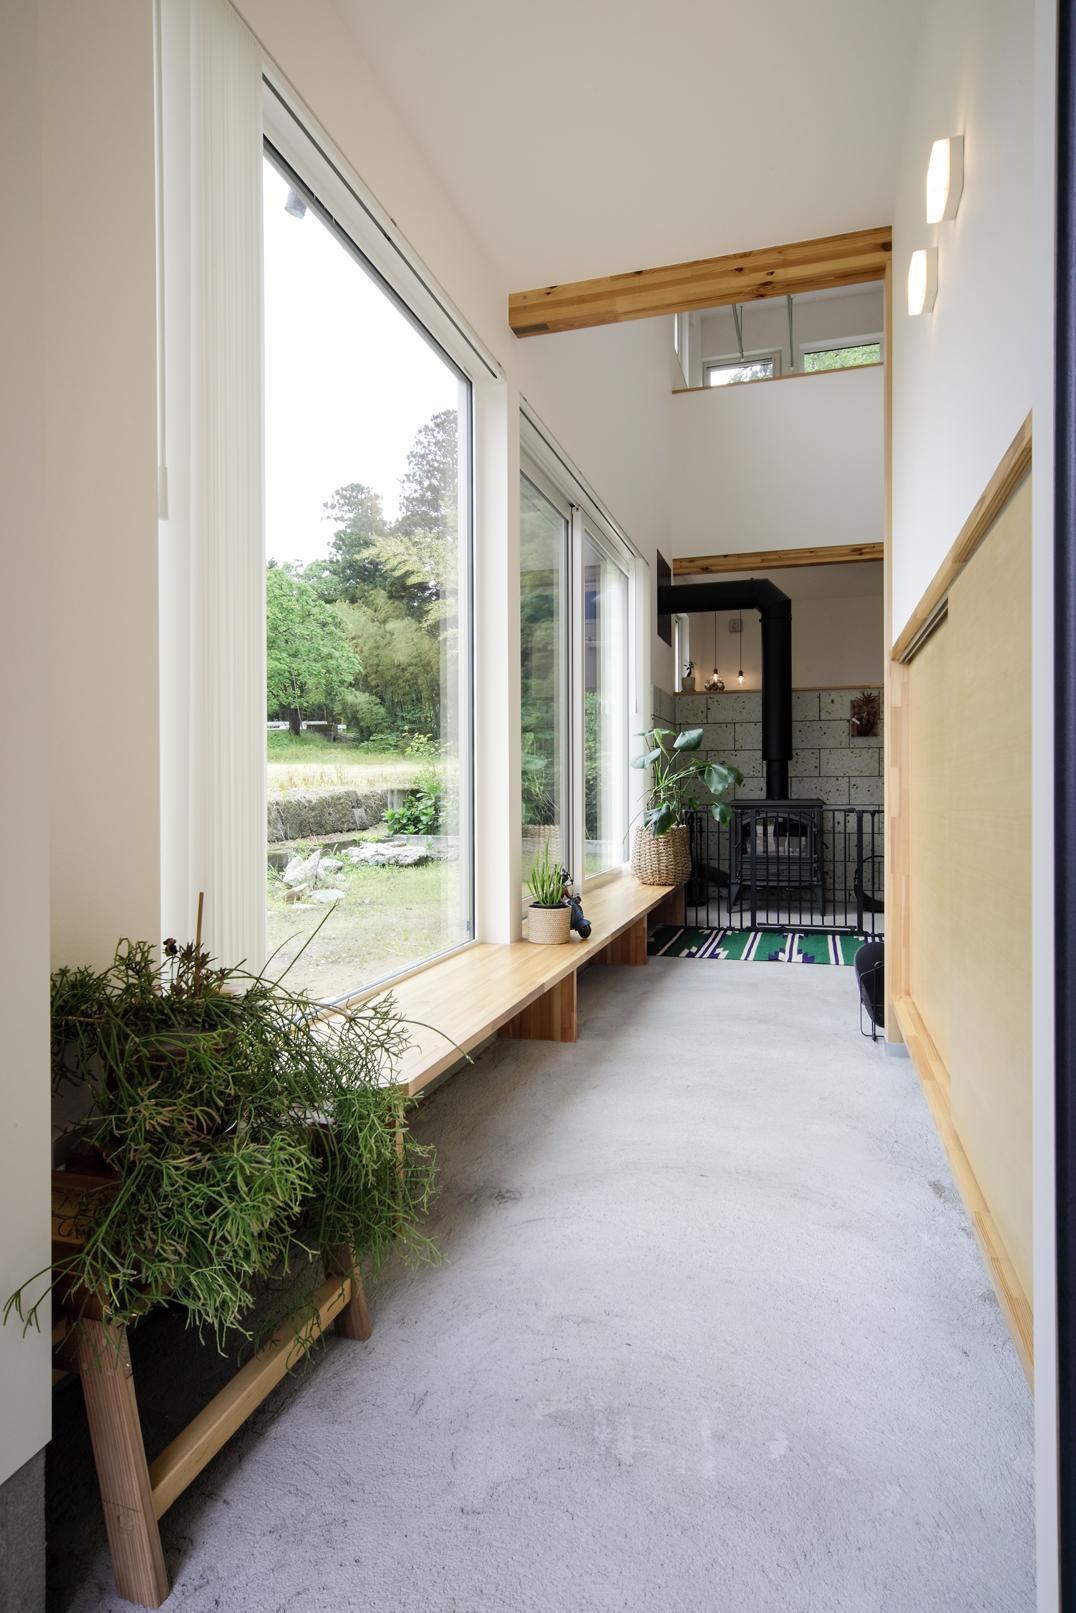 薪ストーブのあるガレージハウスの写真2